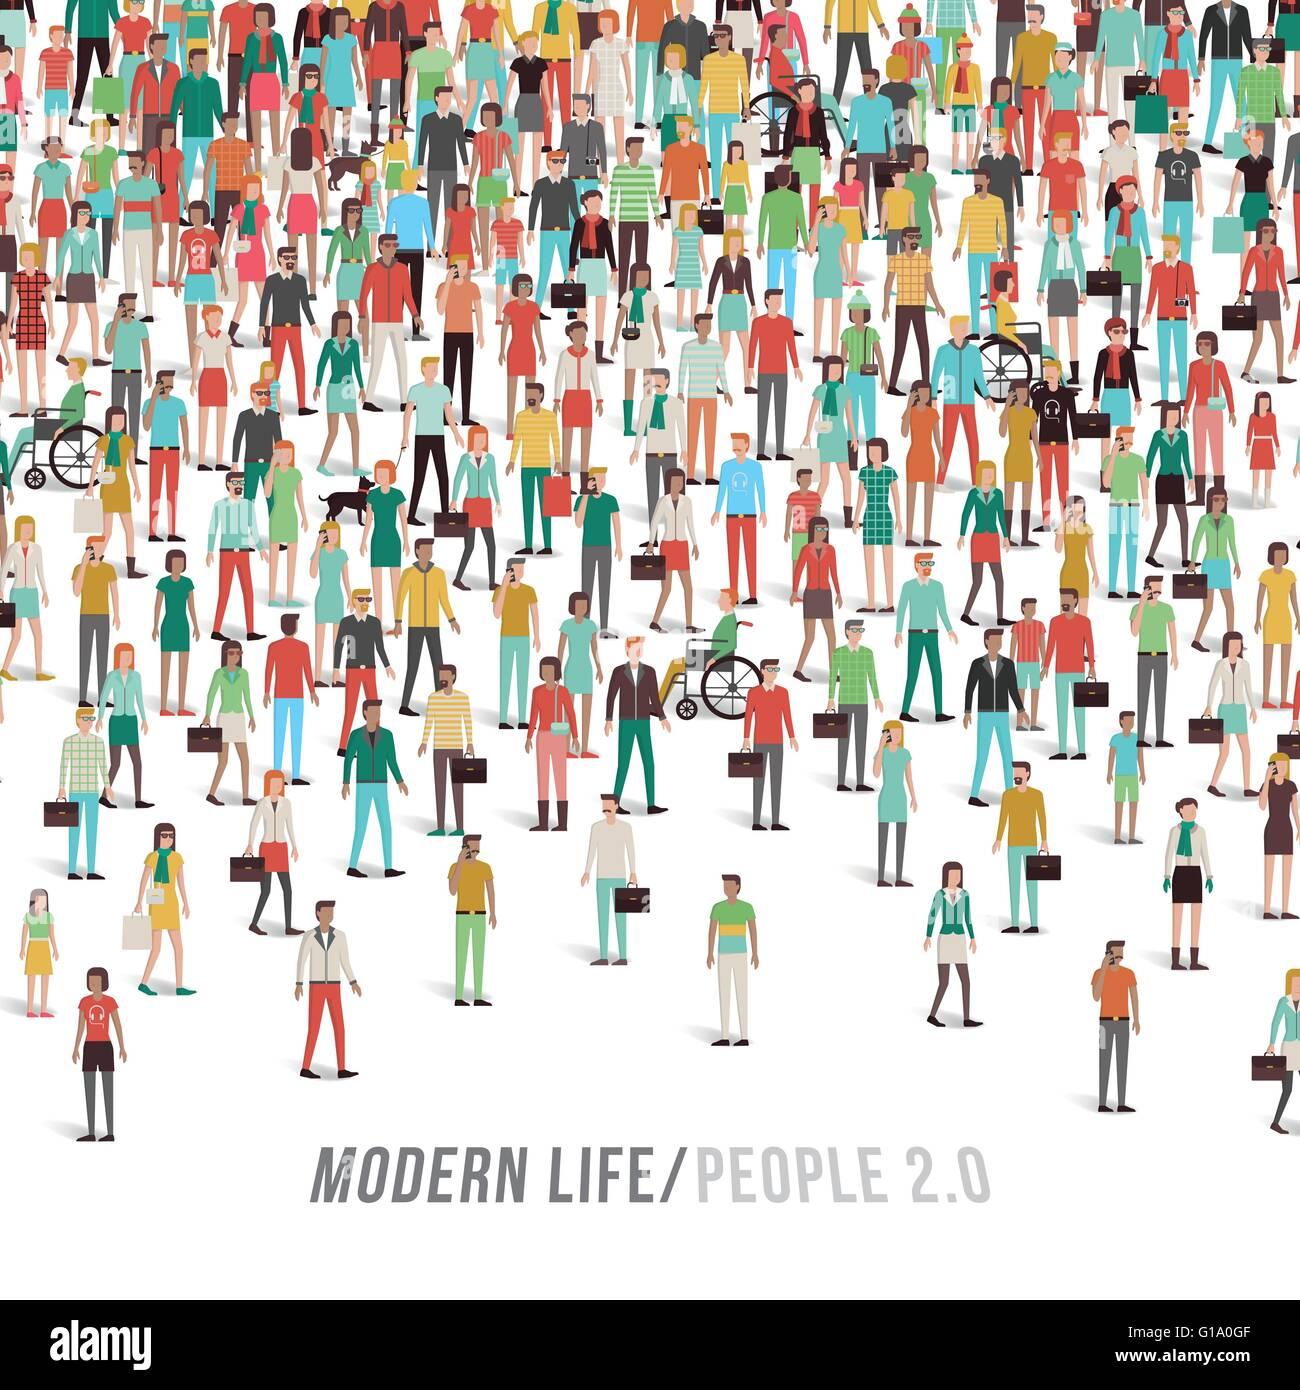 Schar von Menschen, Männer, Frauen, Kinder, verschiedene ethnische Gruppen und Kleidung, Text und Kopie Raum Stockbild